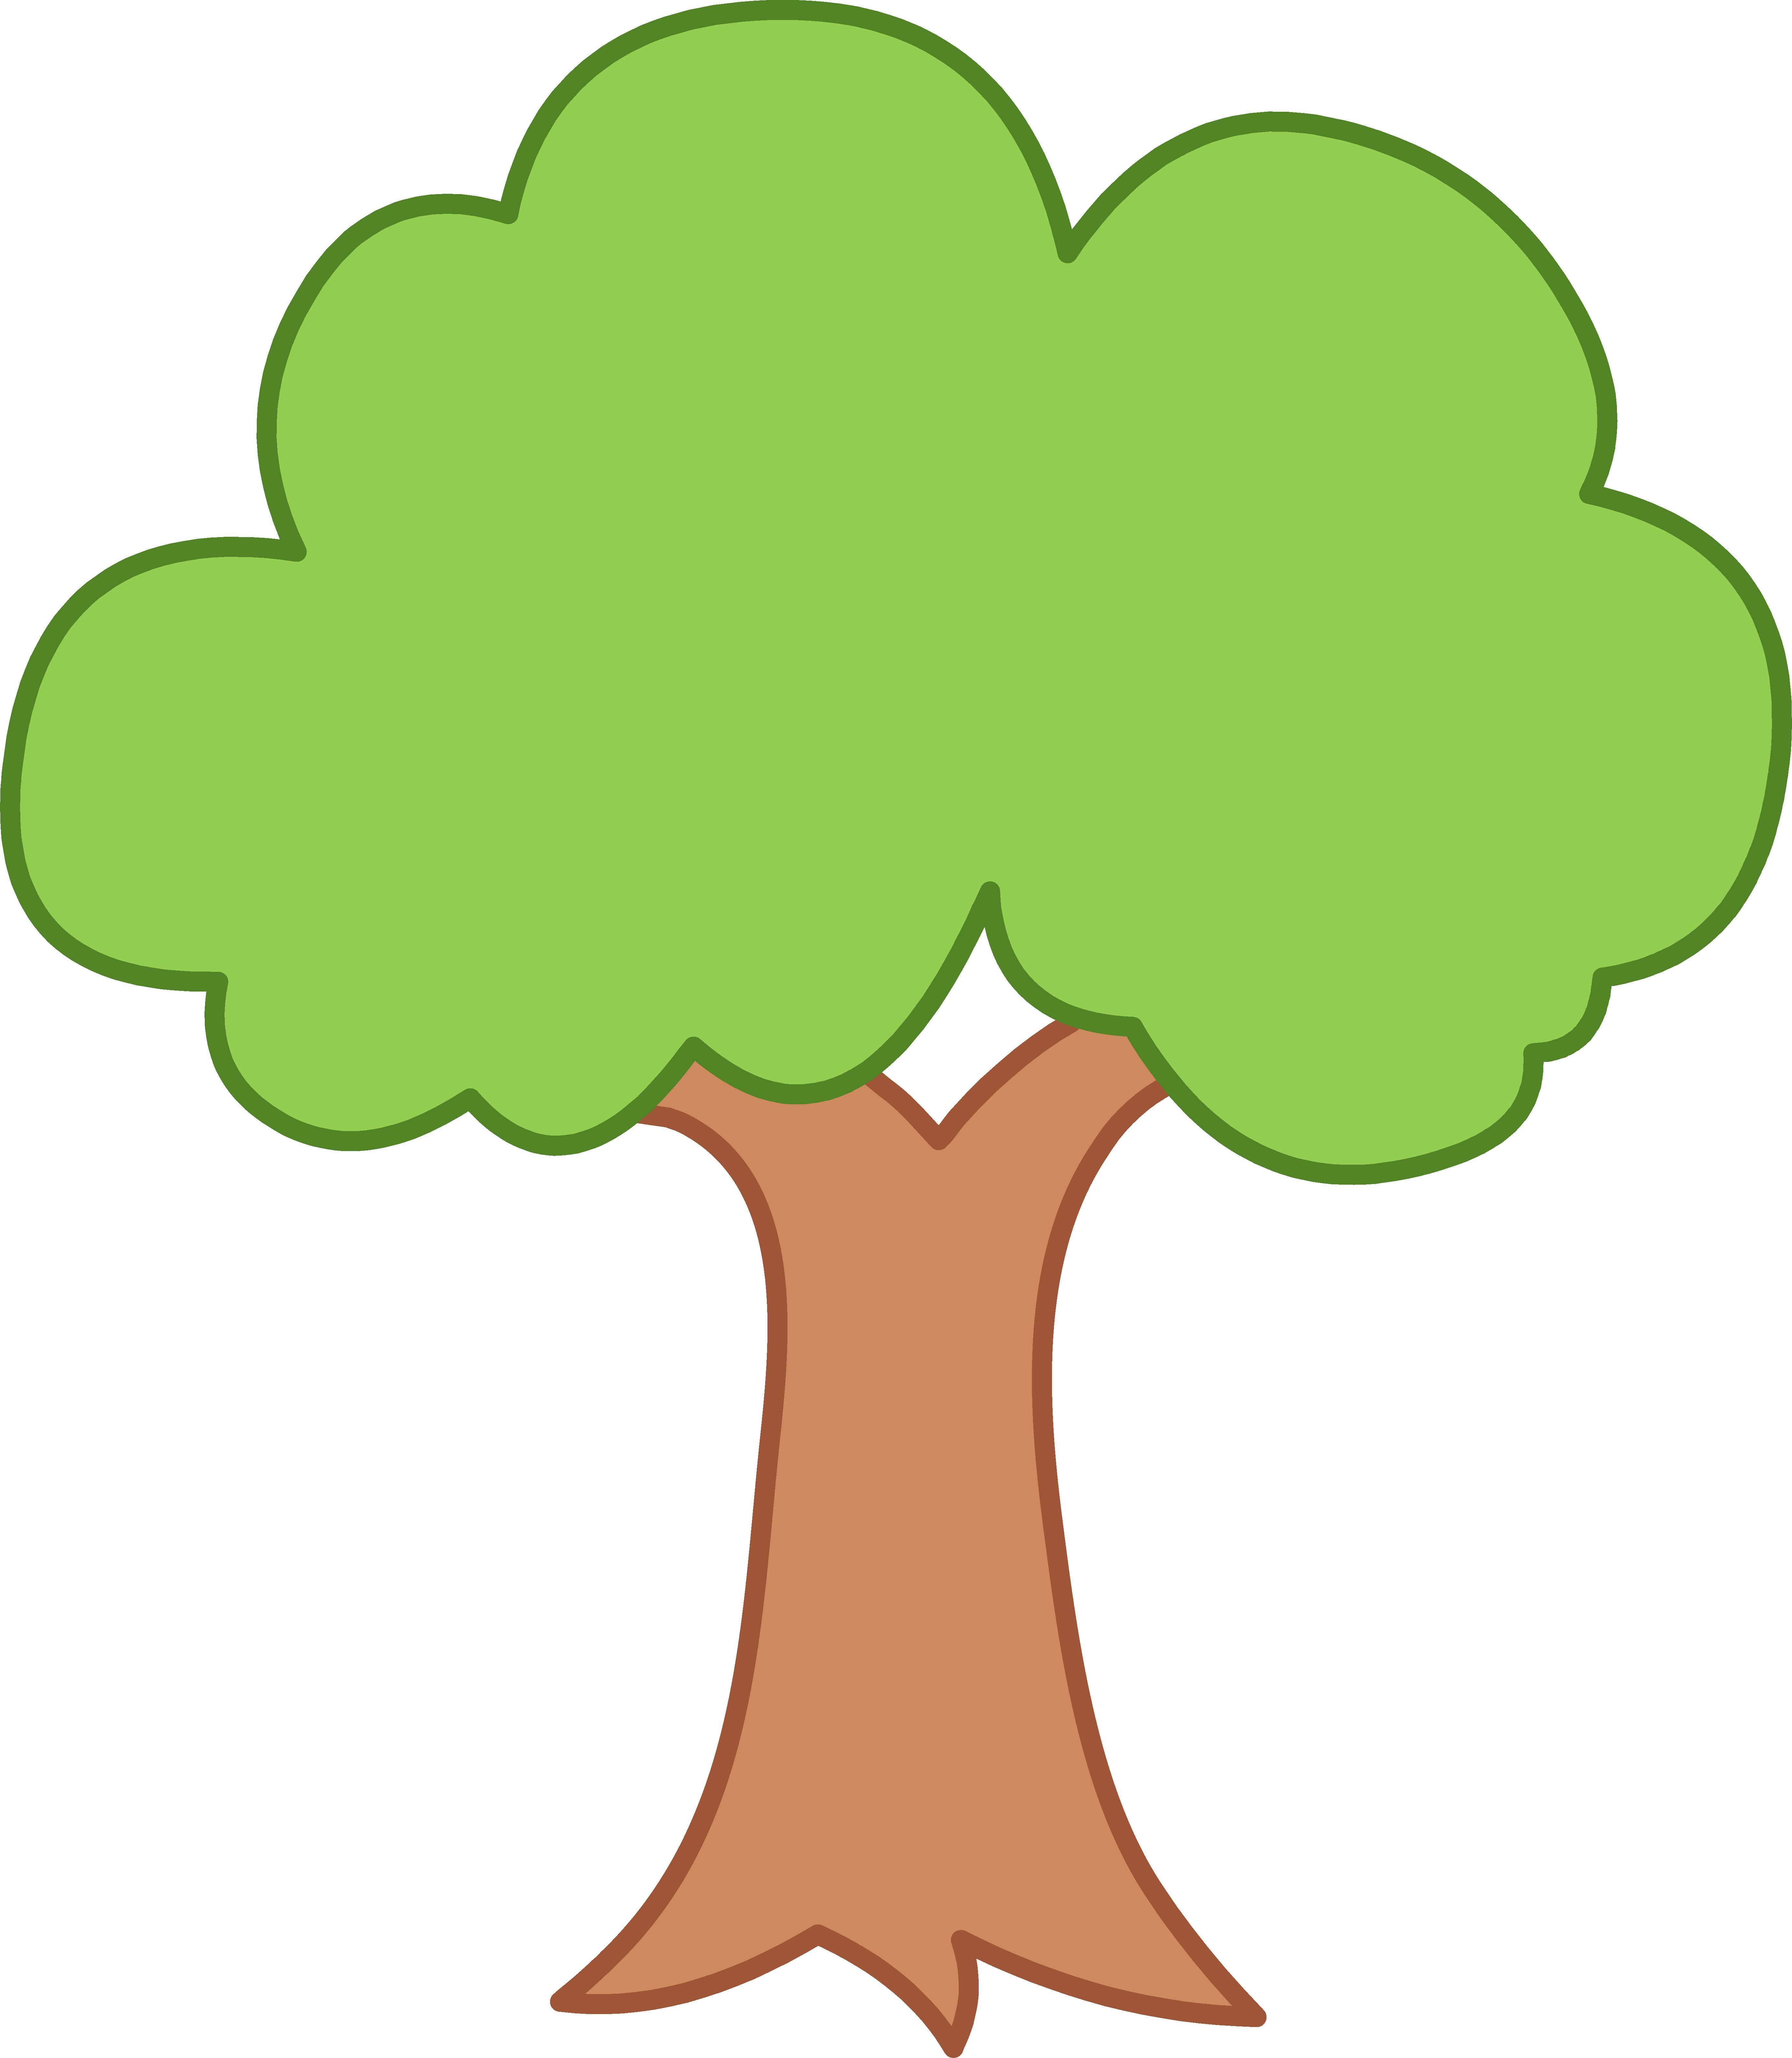 Green Clipart